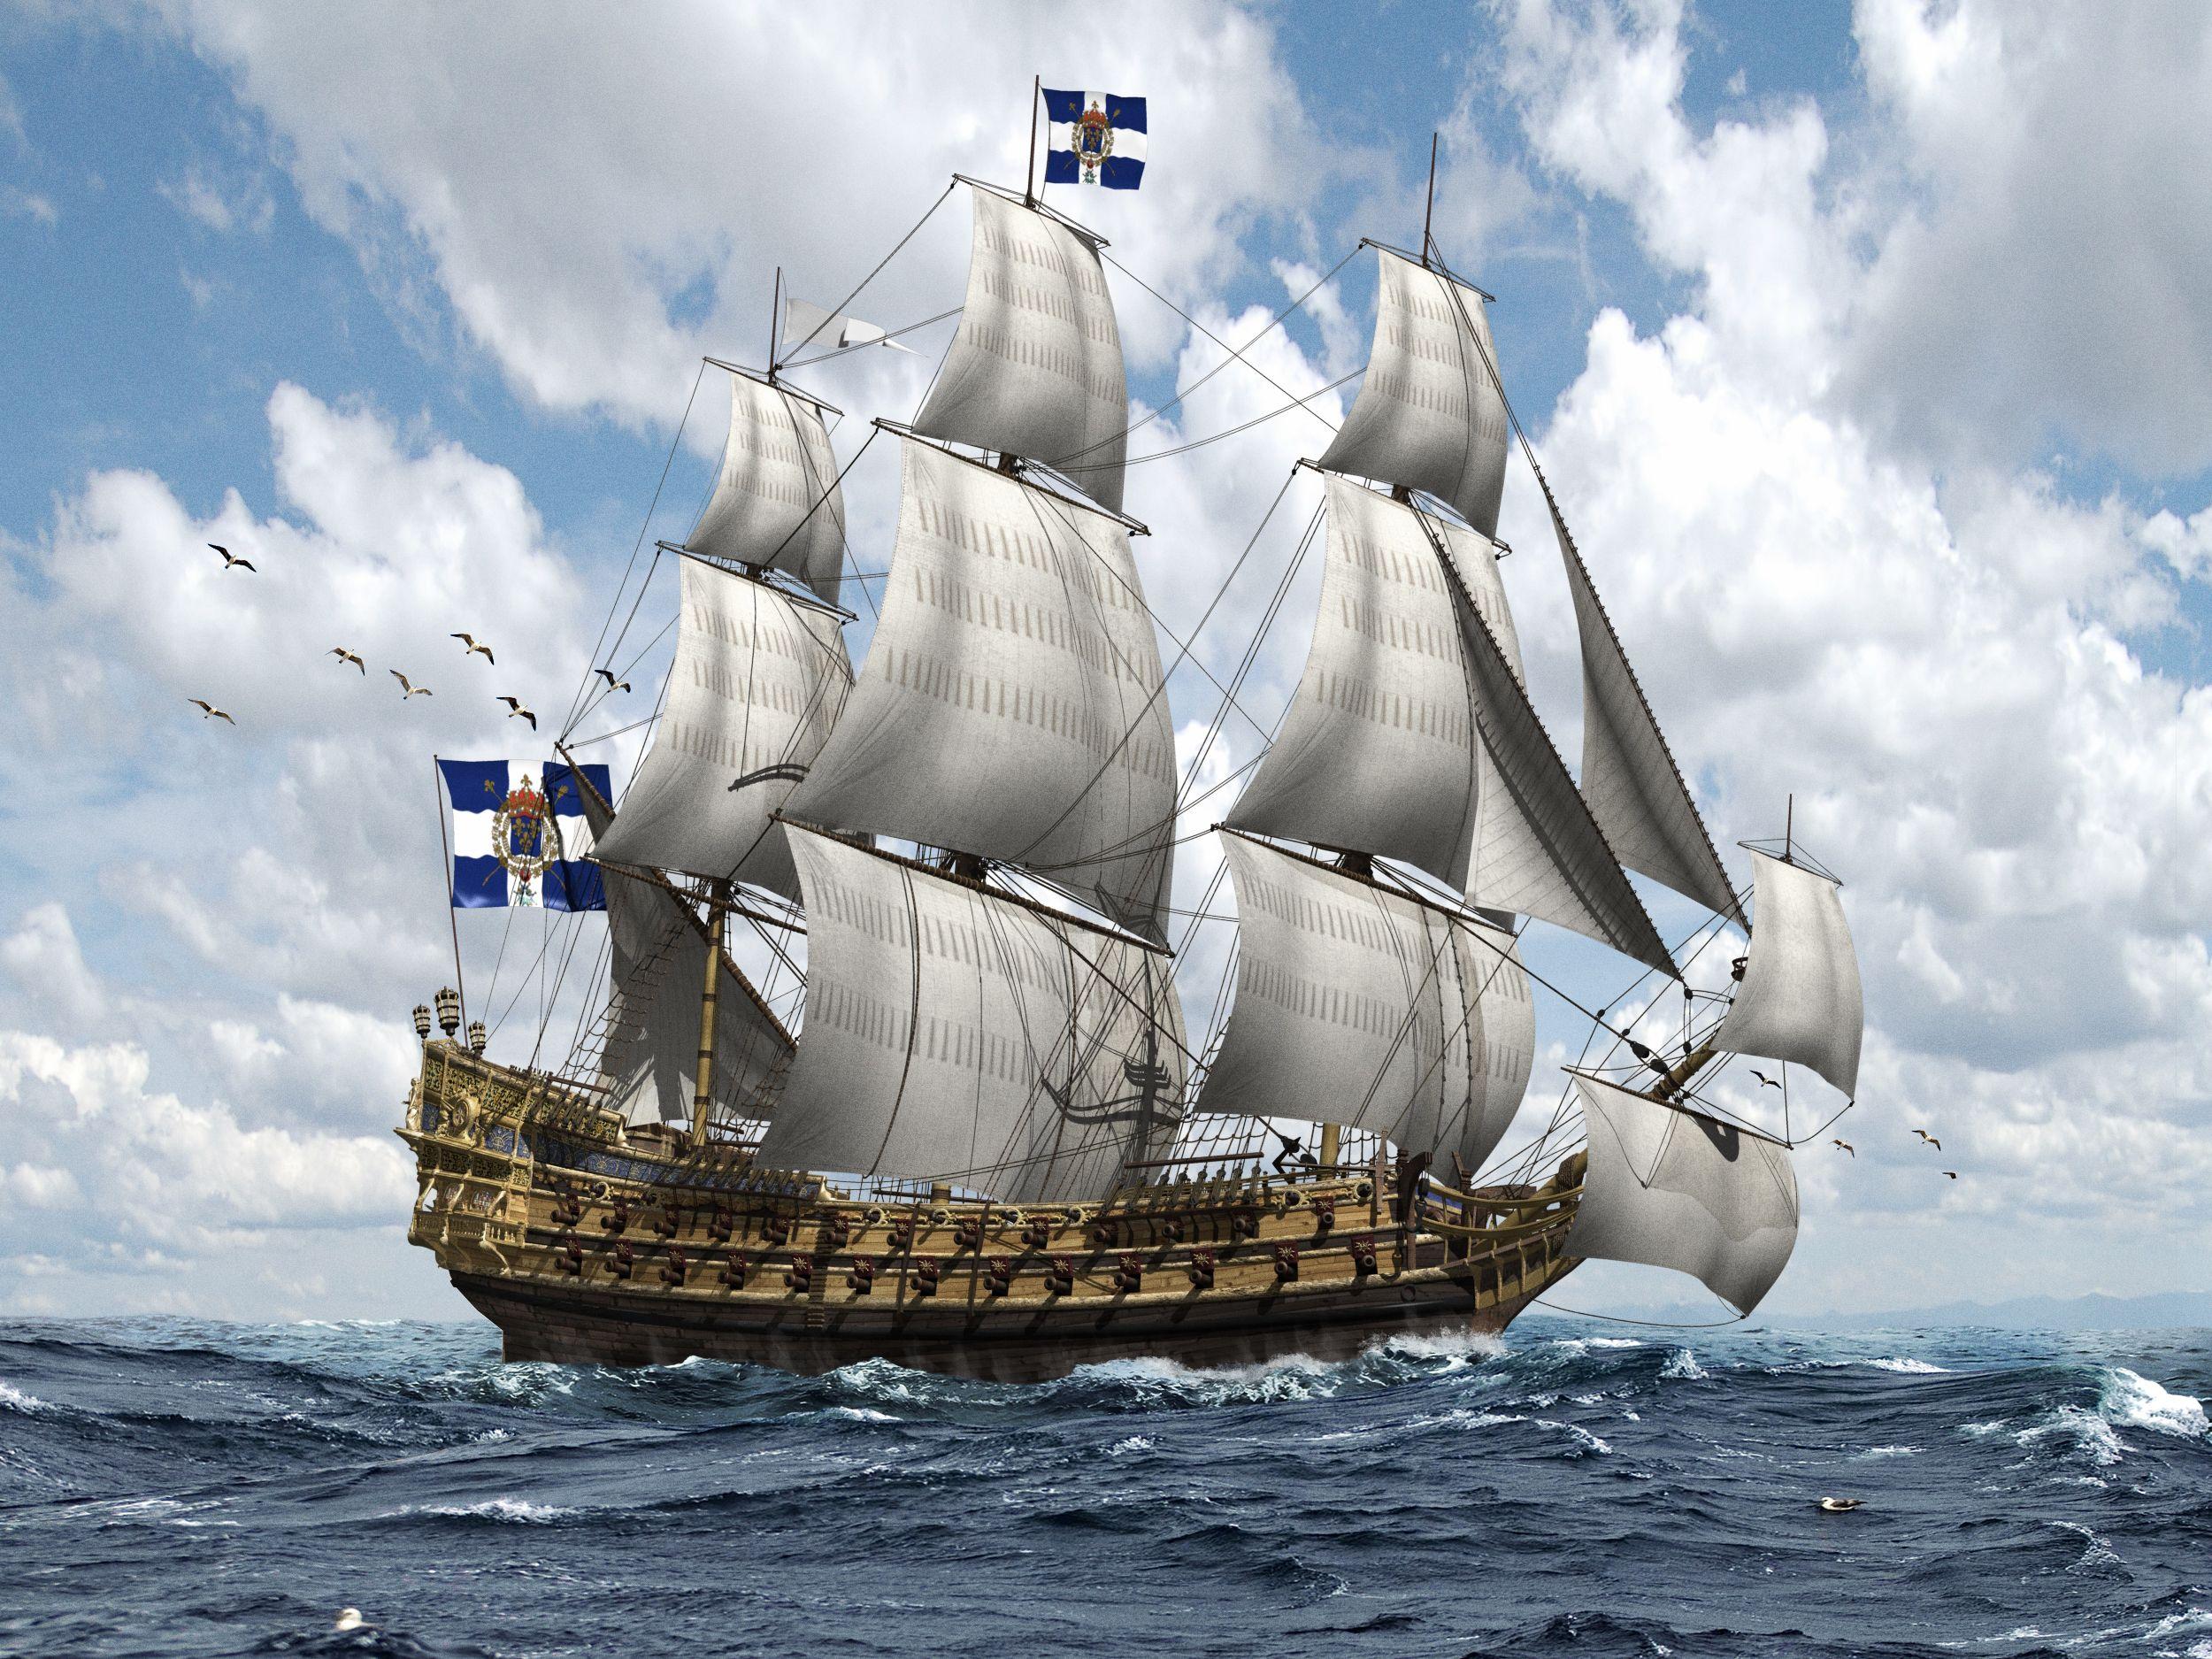 фото и рисунки парусных кораблей узнать полезных